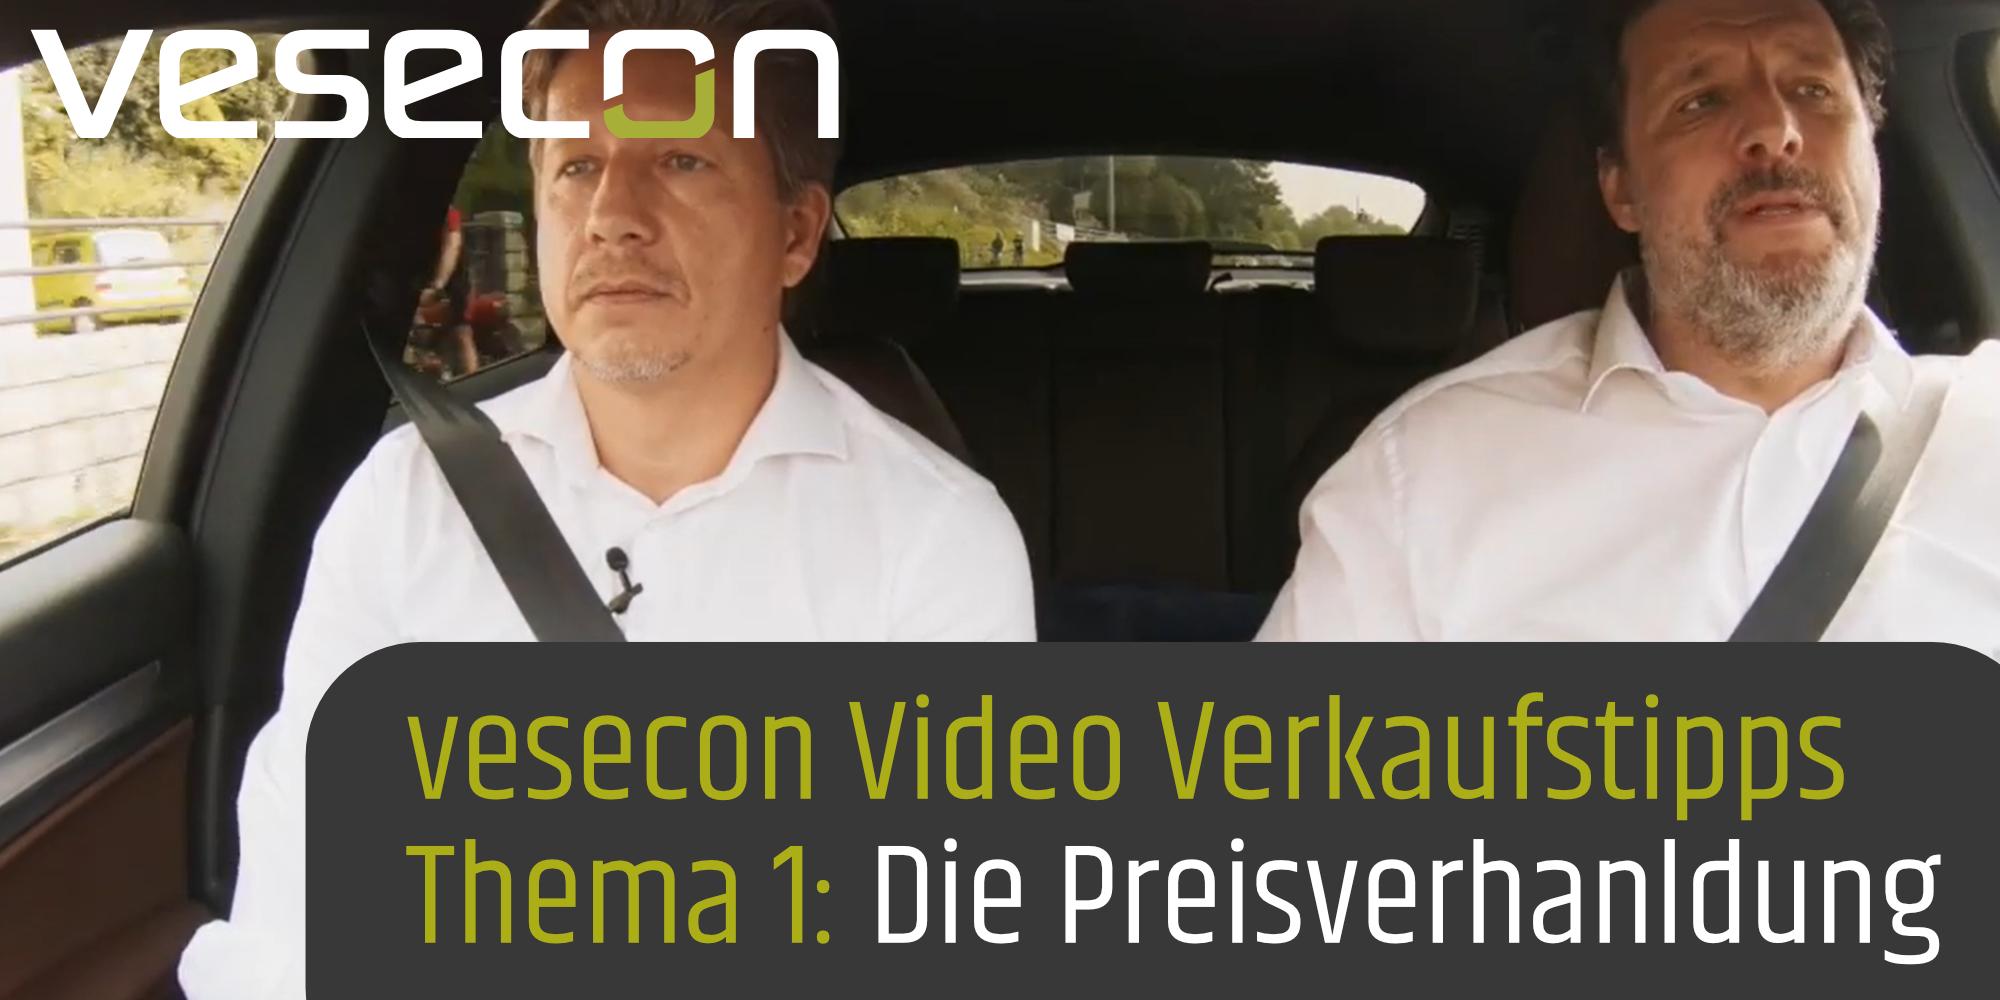 vesecon Video Verkauffstipps - Thema 1: die Peisverhanldung